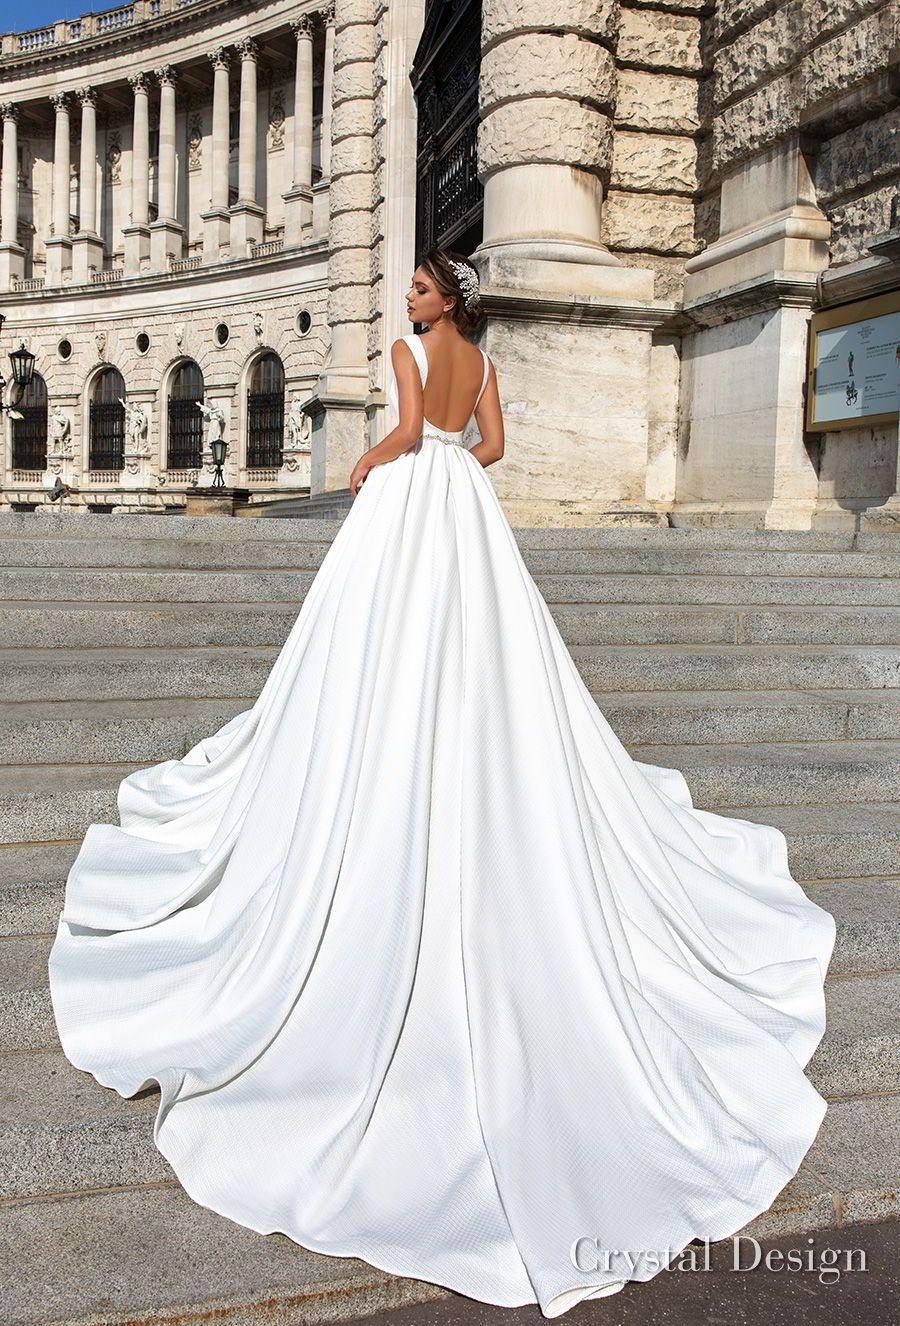 Crystal Design 2018 Brautkleider | HochzeitKleid | Pinterest ...